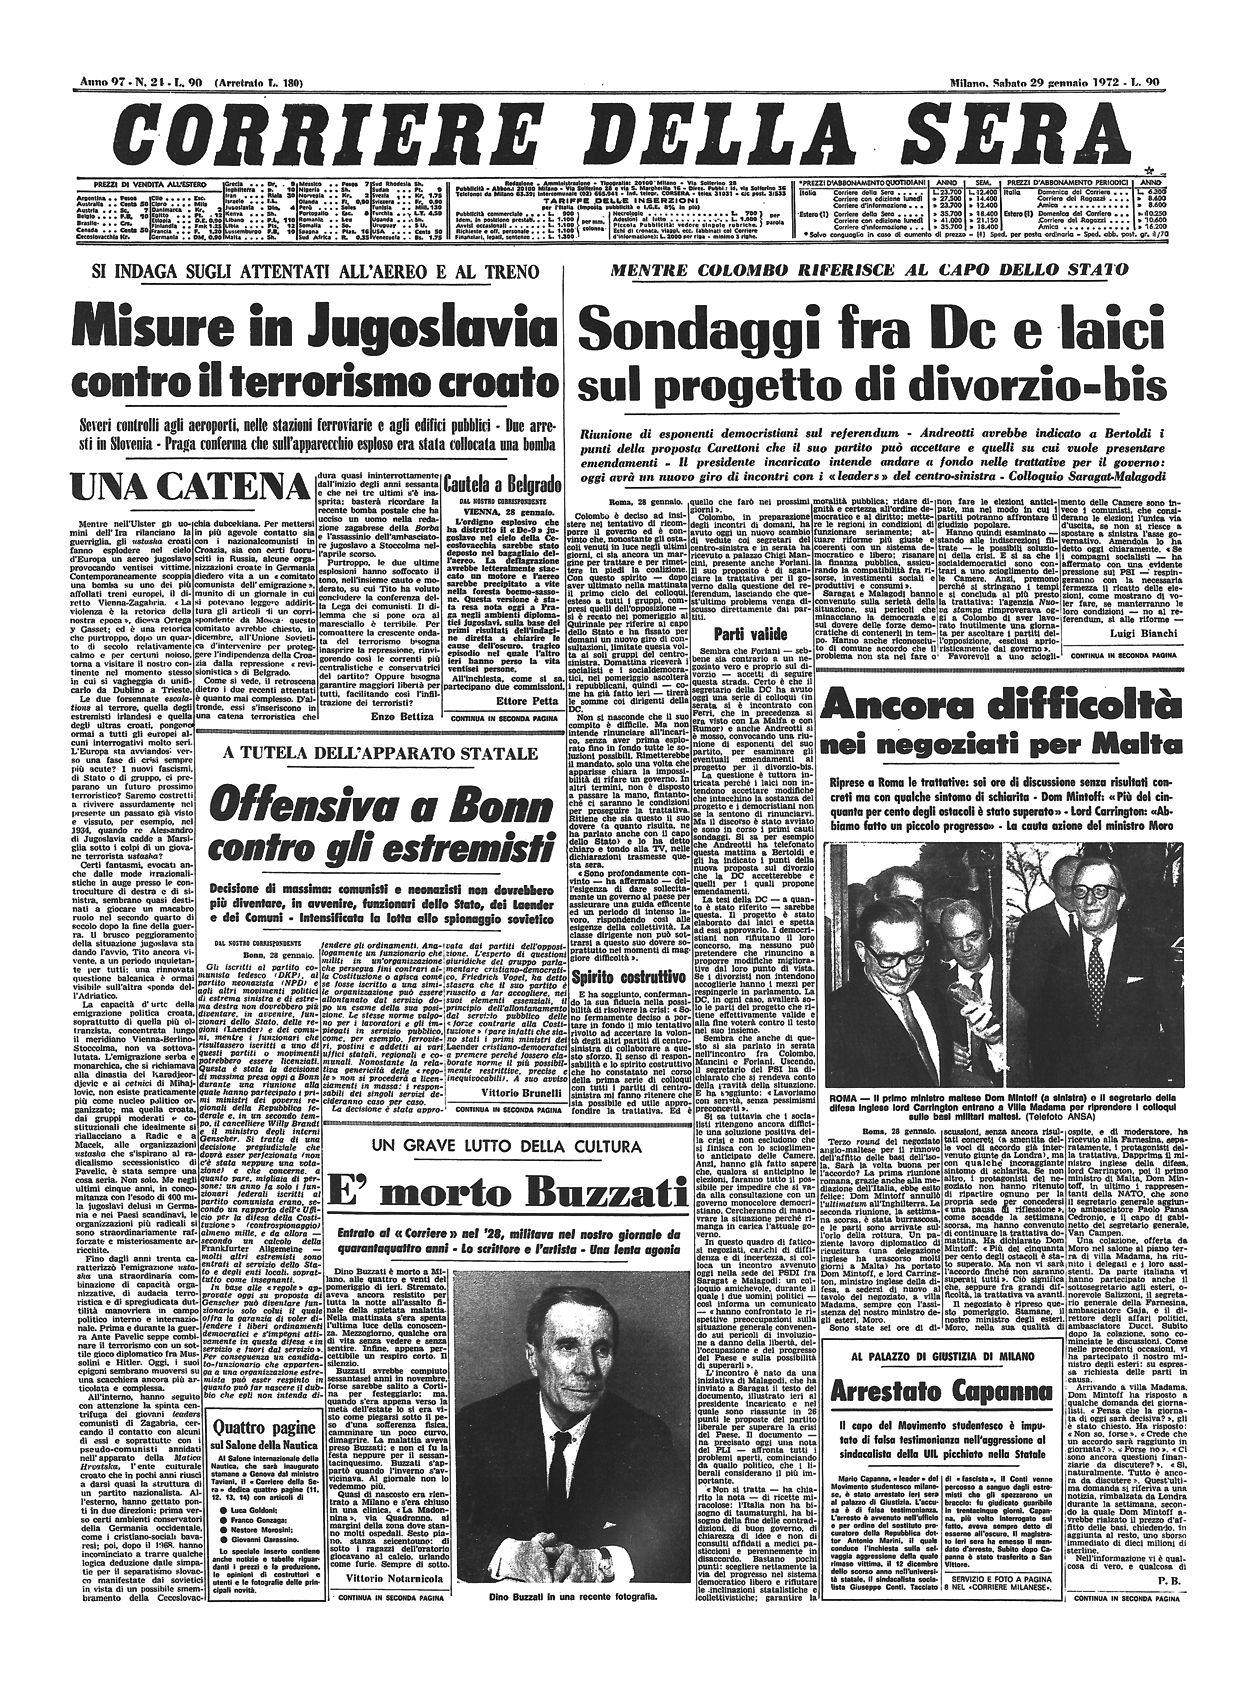 Corriere della Sera, 29 gennaio 1972. Eventi, 29 gennaio